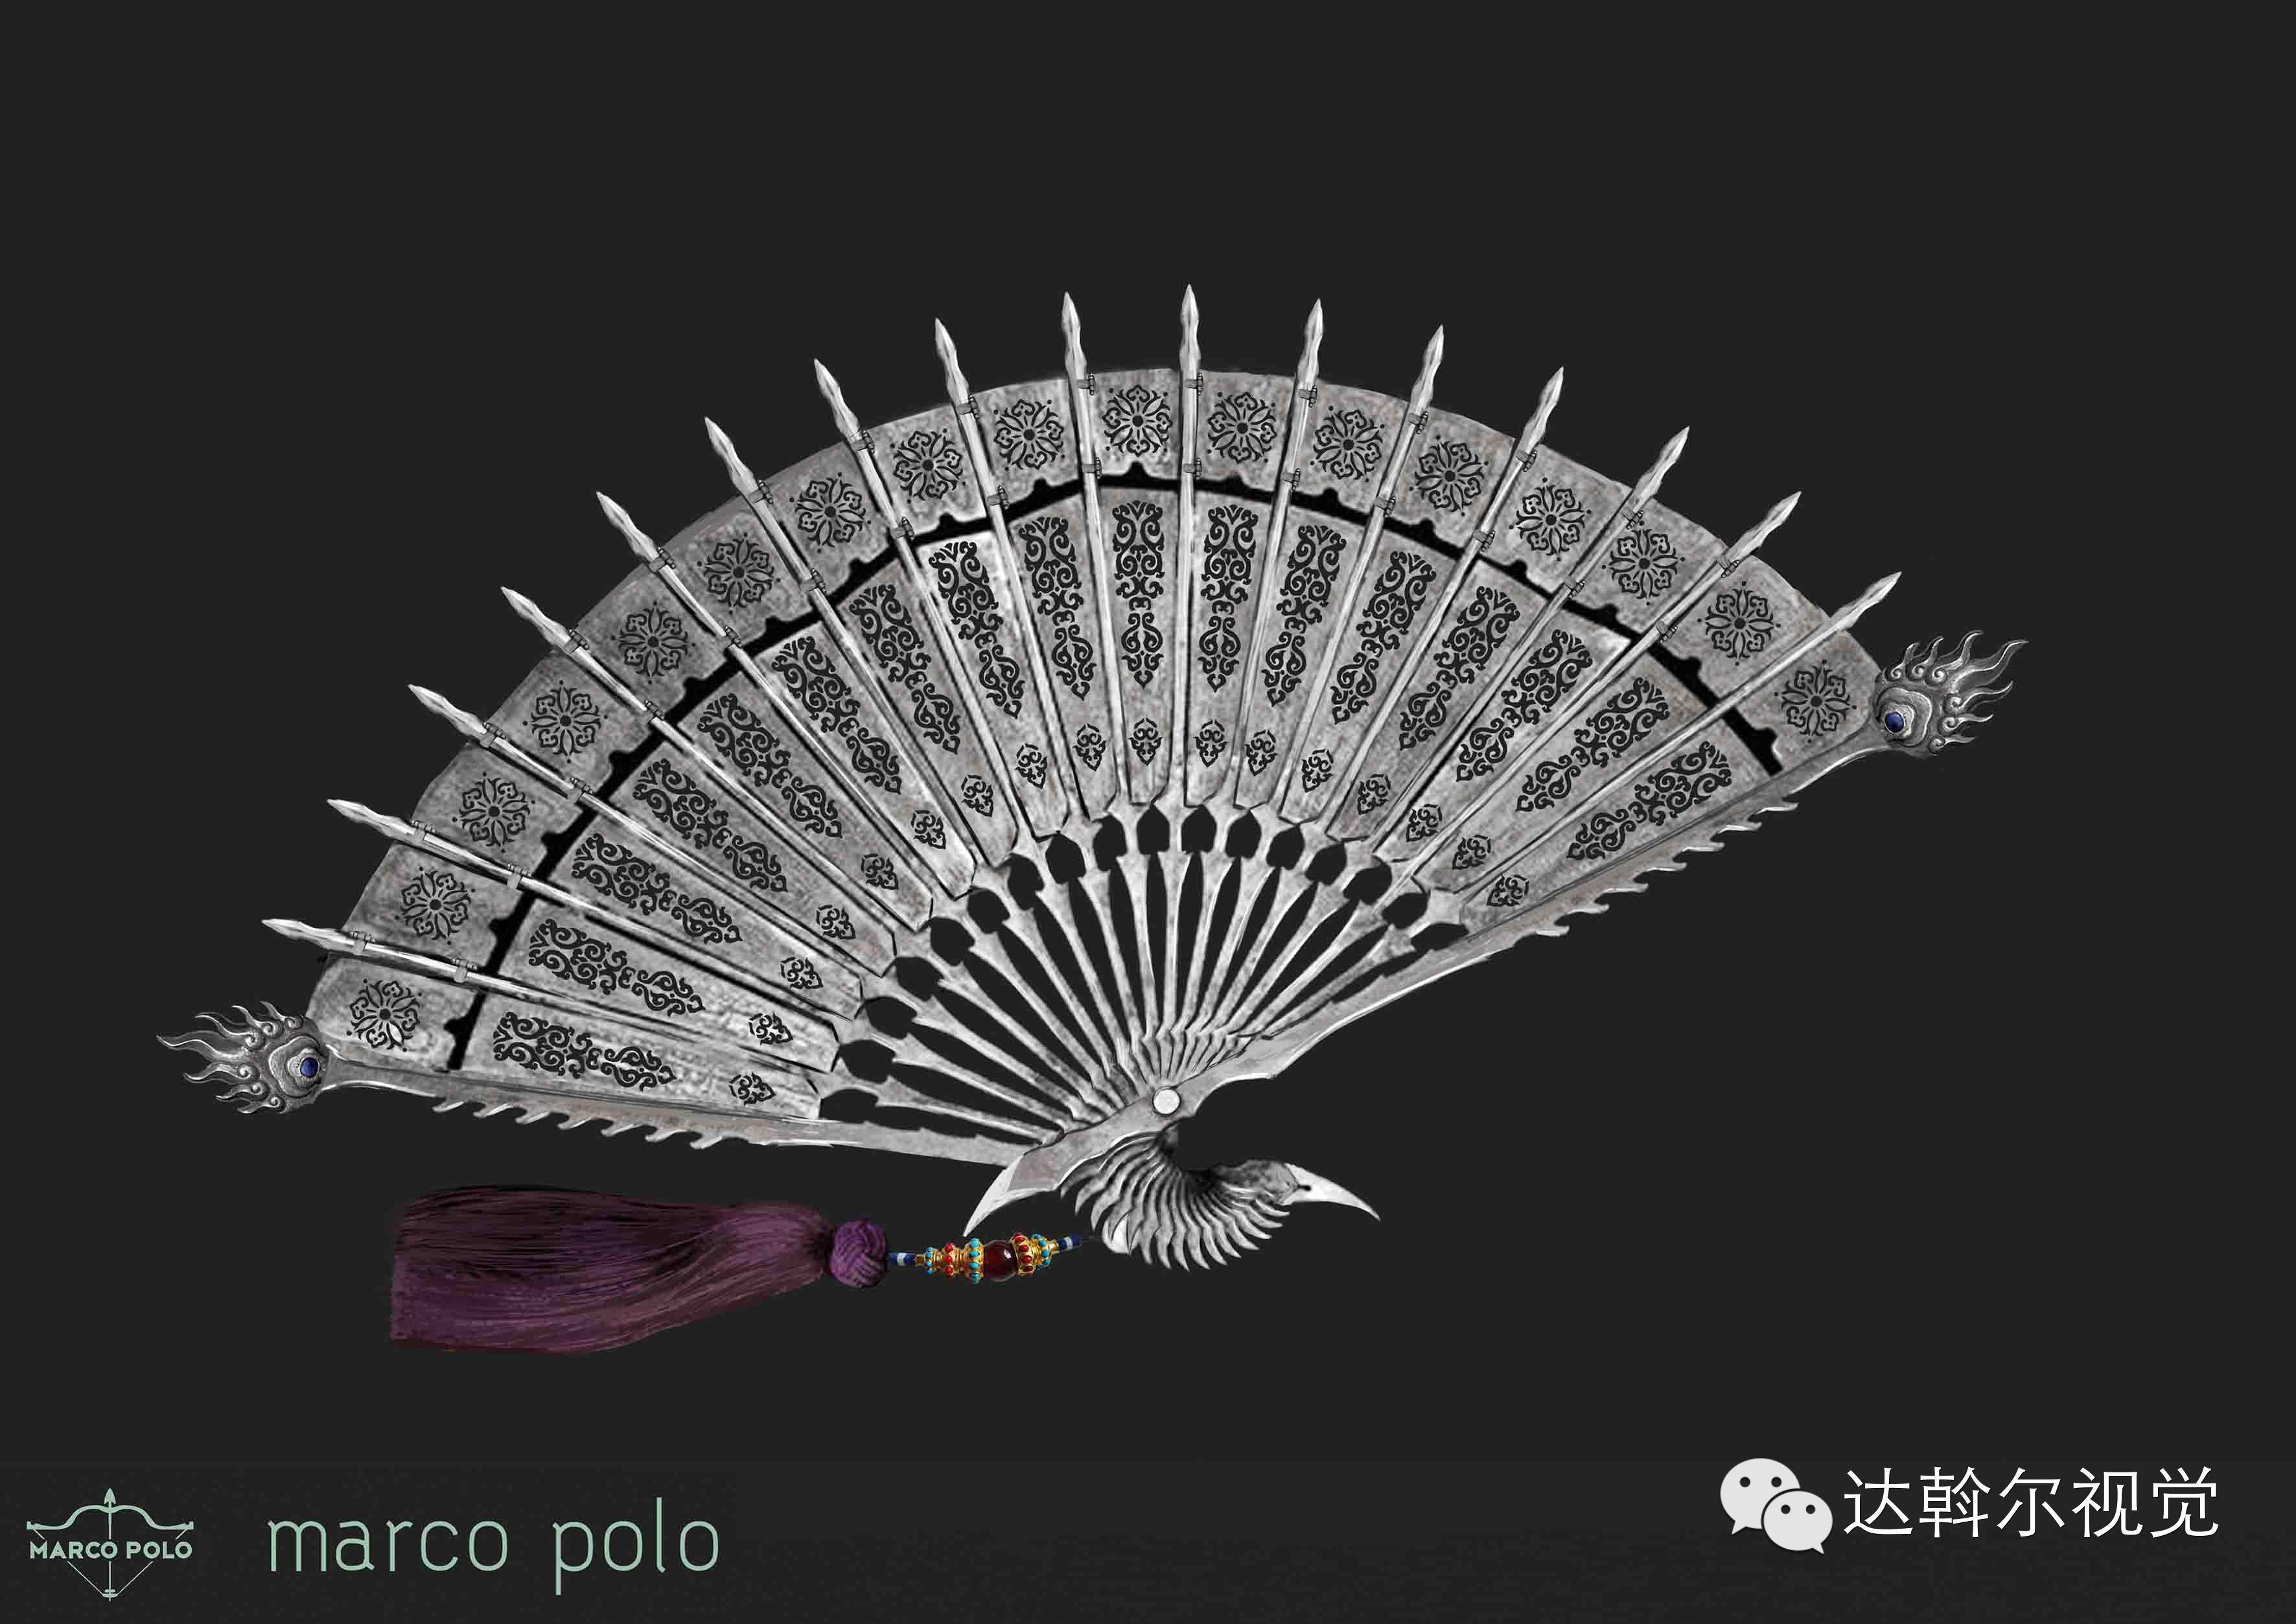 蒙古题材美剧《马可波罗》兵器设计欣赏 第21张